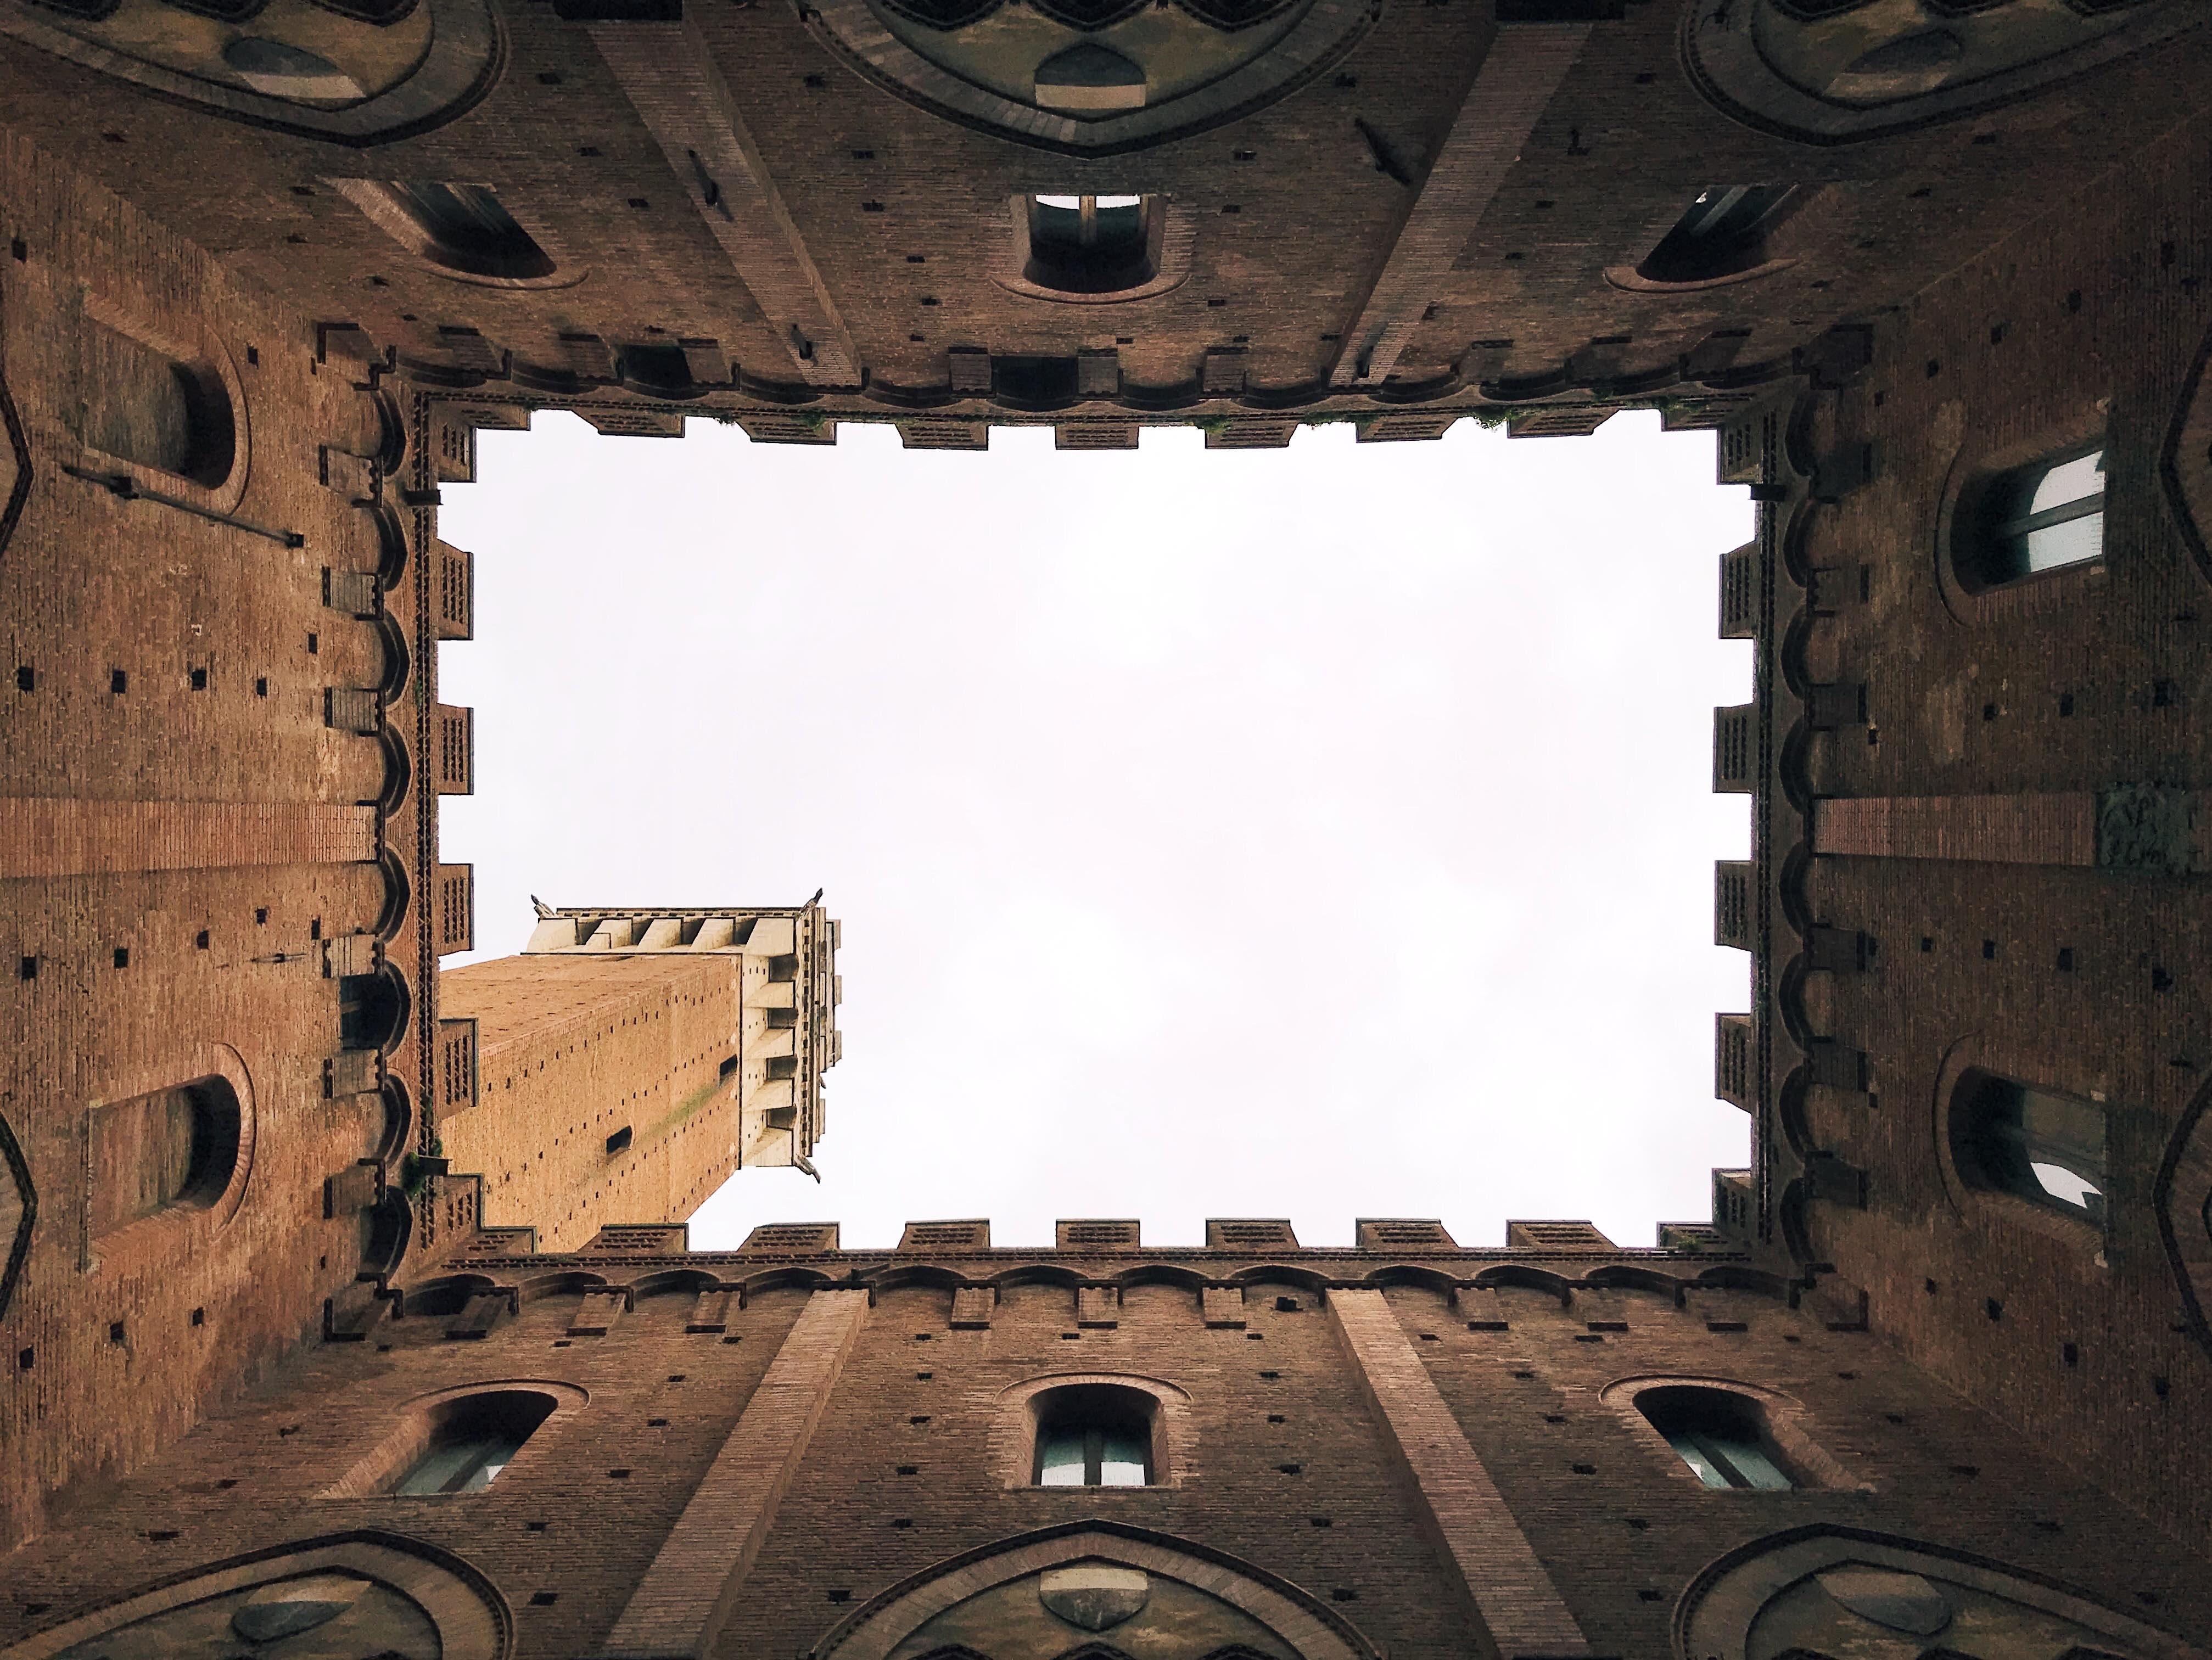 I luoghi più belli della Toscana: il Palazzo Comunale di Siena